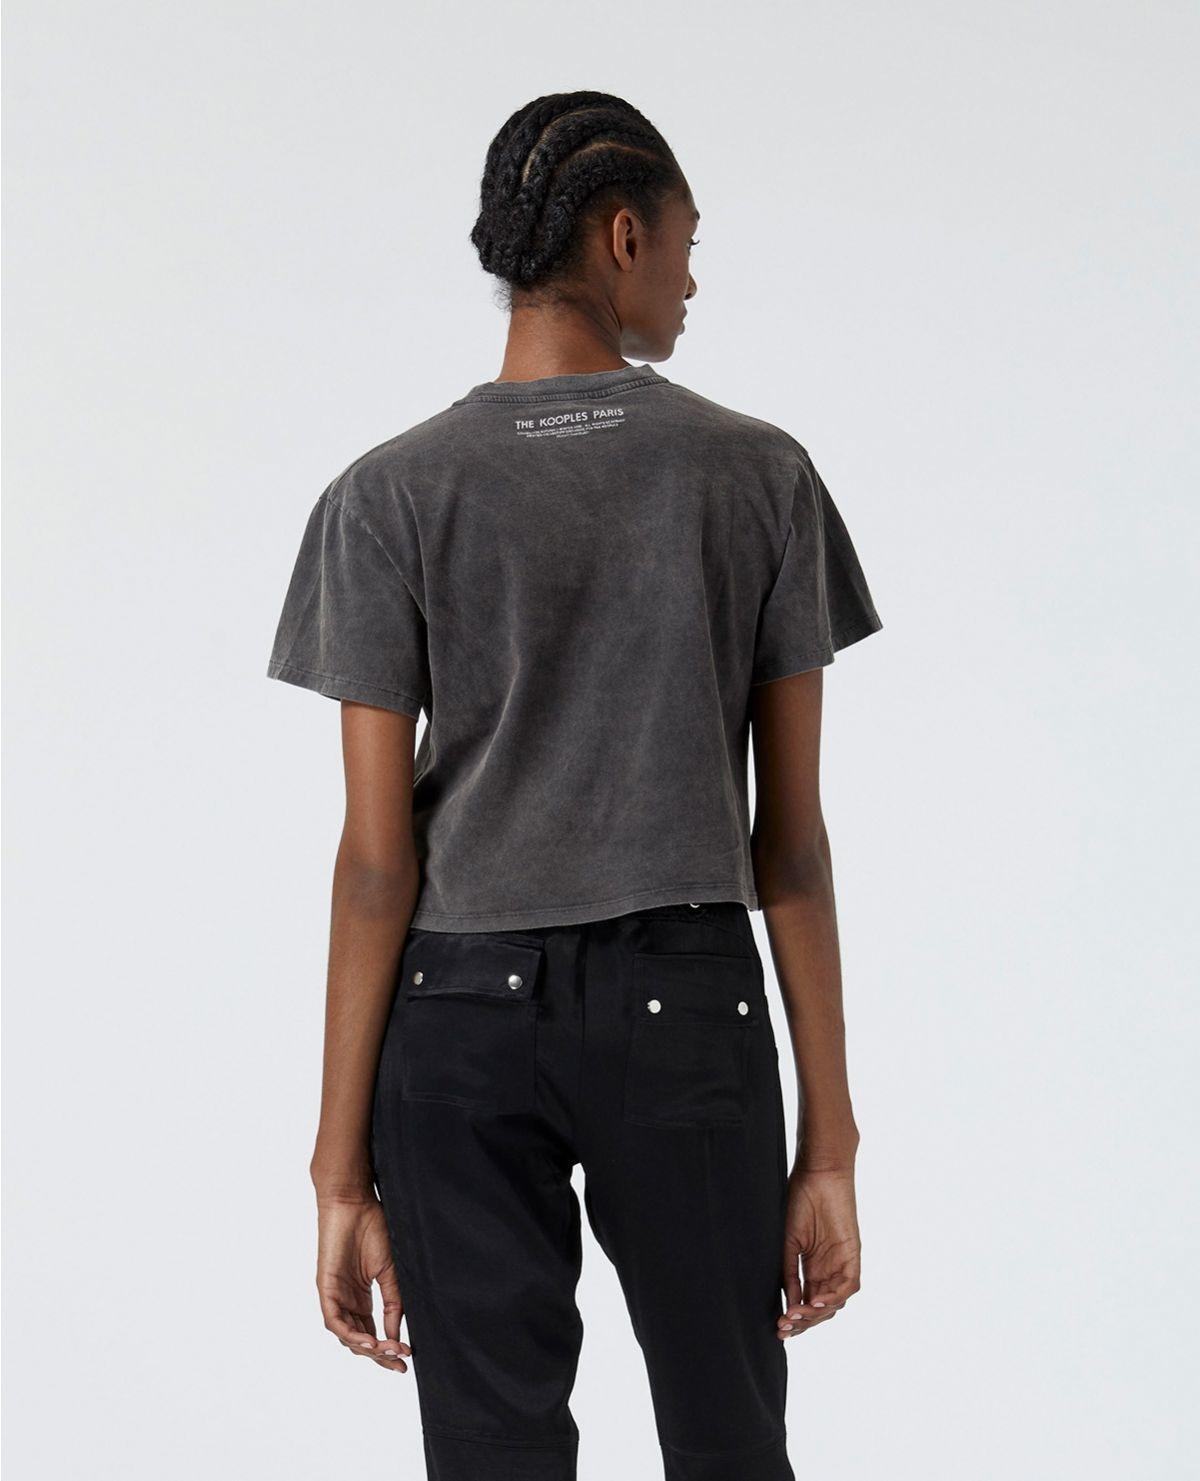 THE KOOPLES t-shirt noir coton sérigraphie rock-3